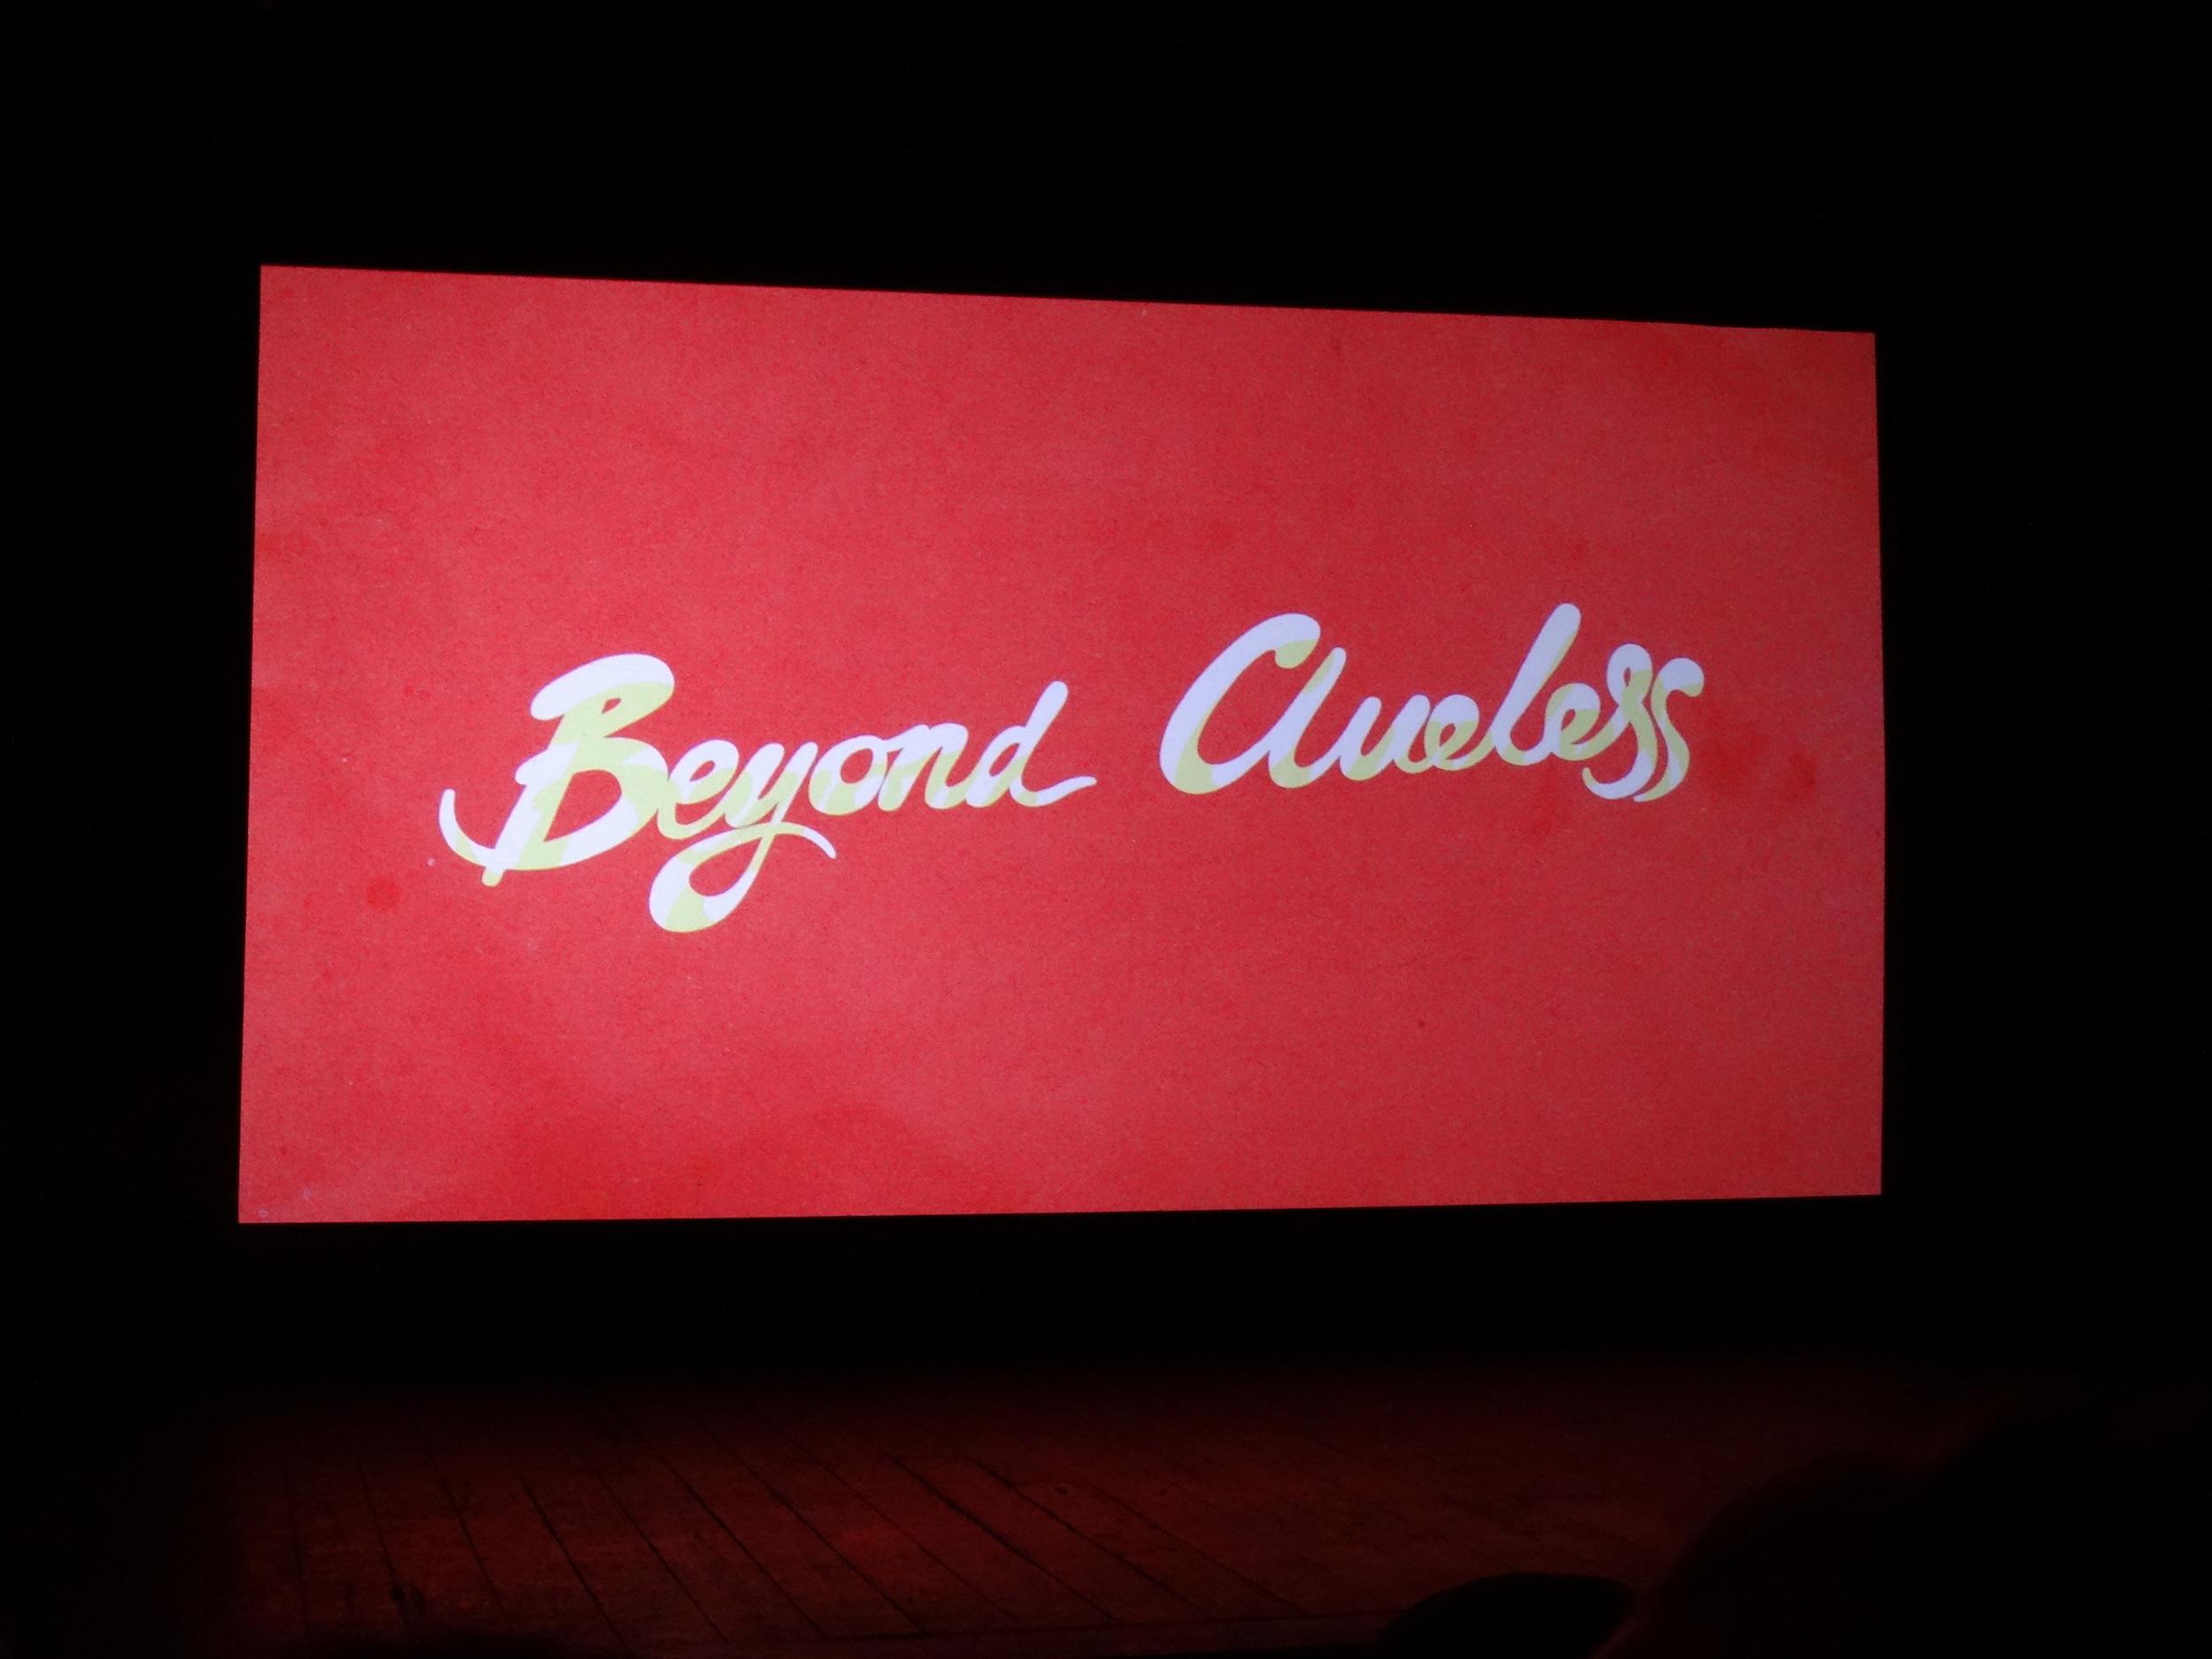 Beyond Clueless   on screen